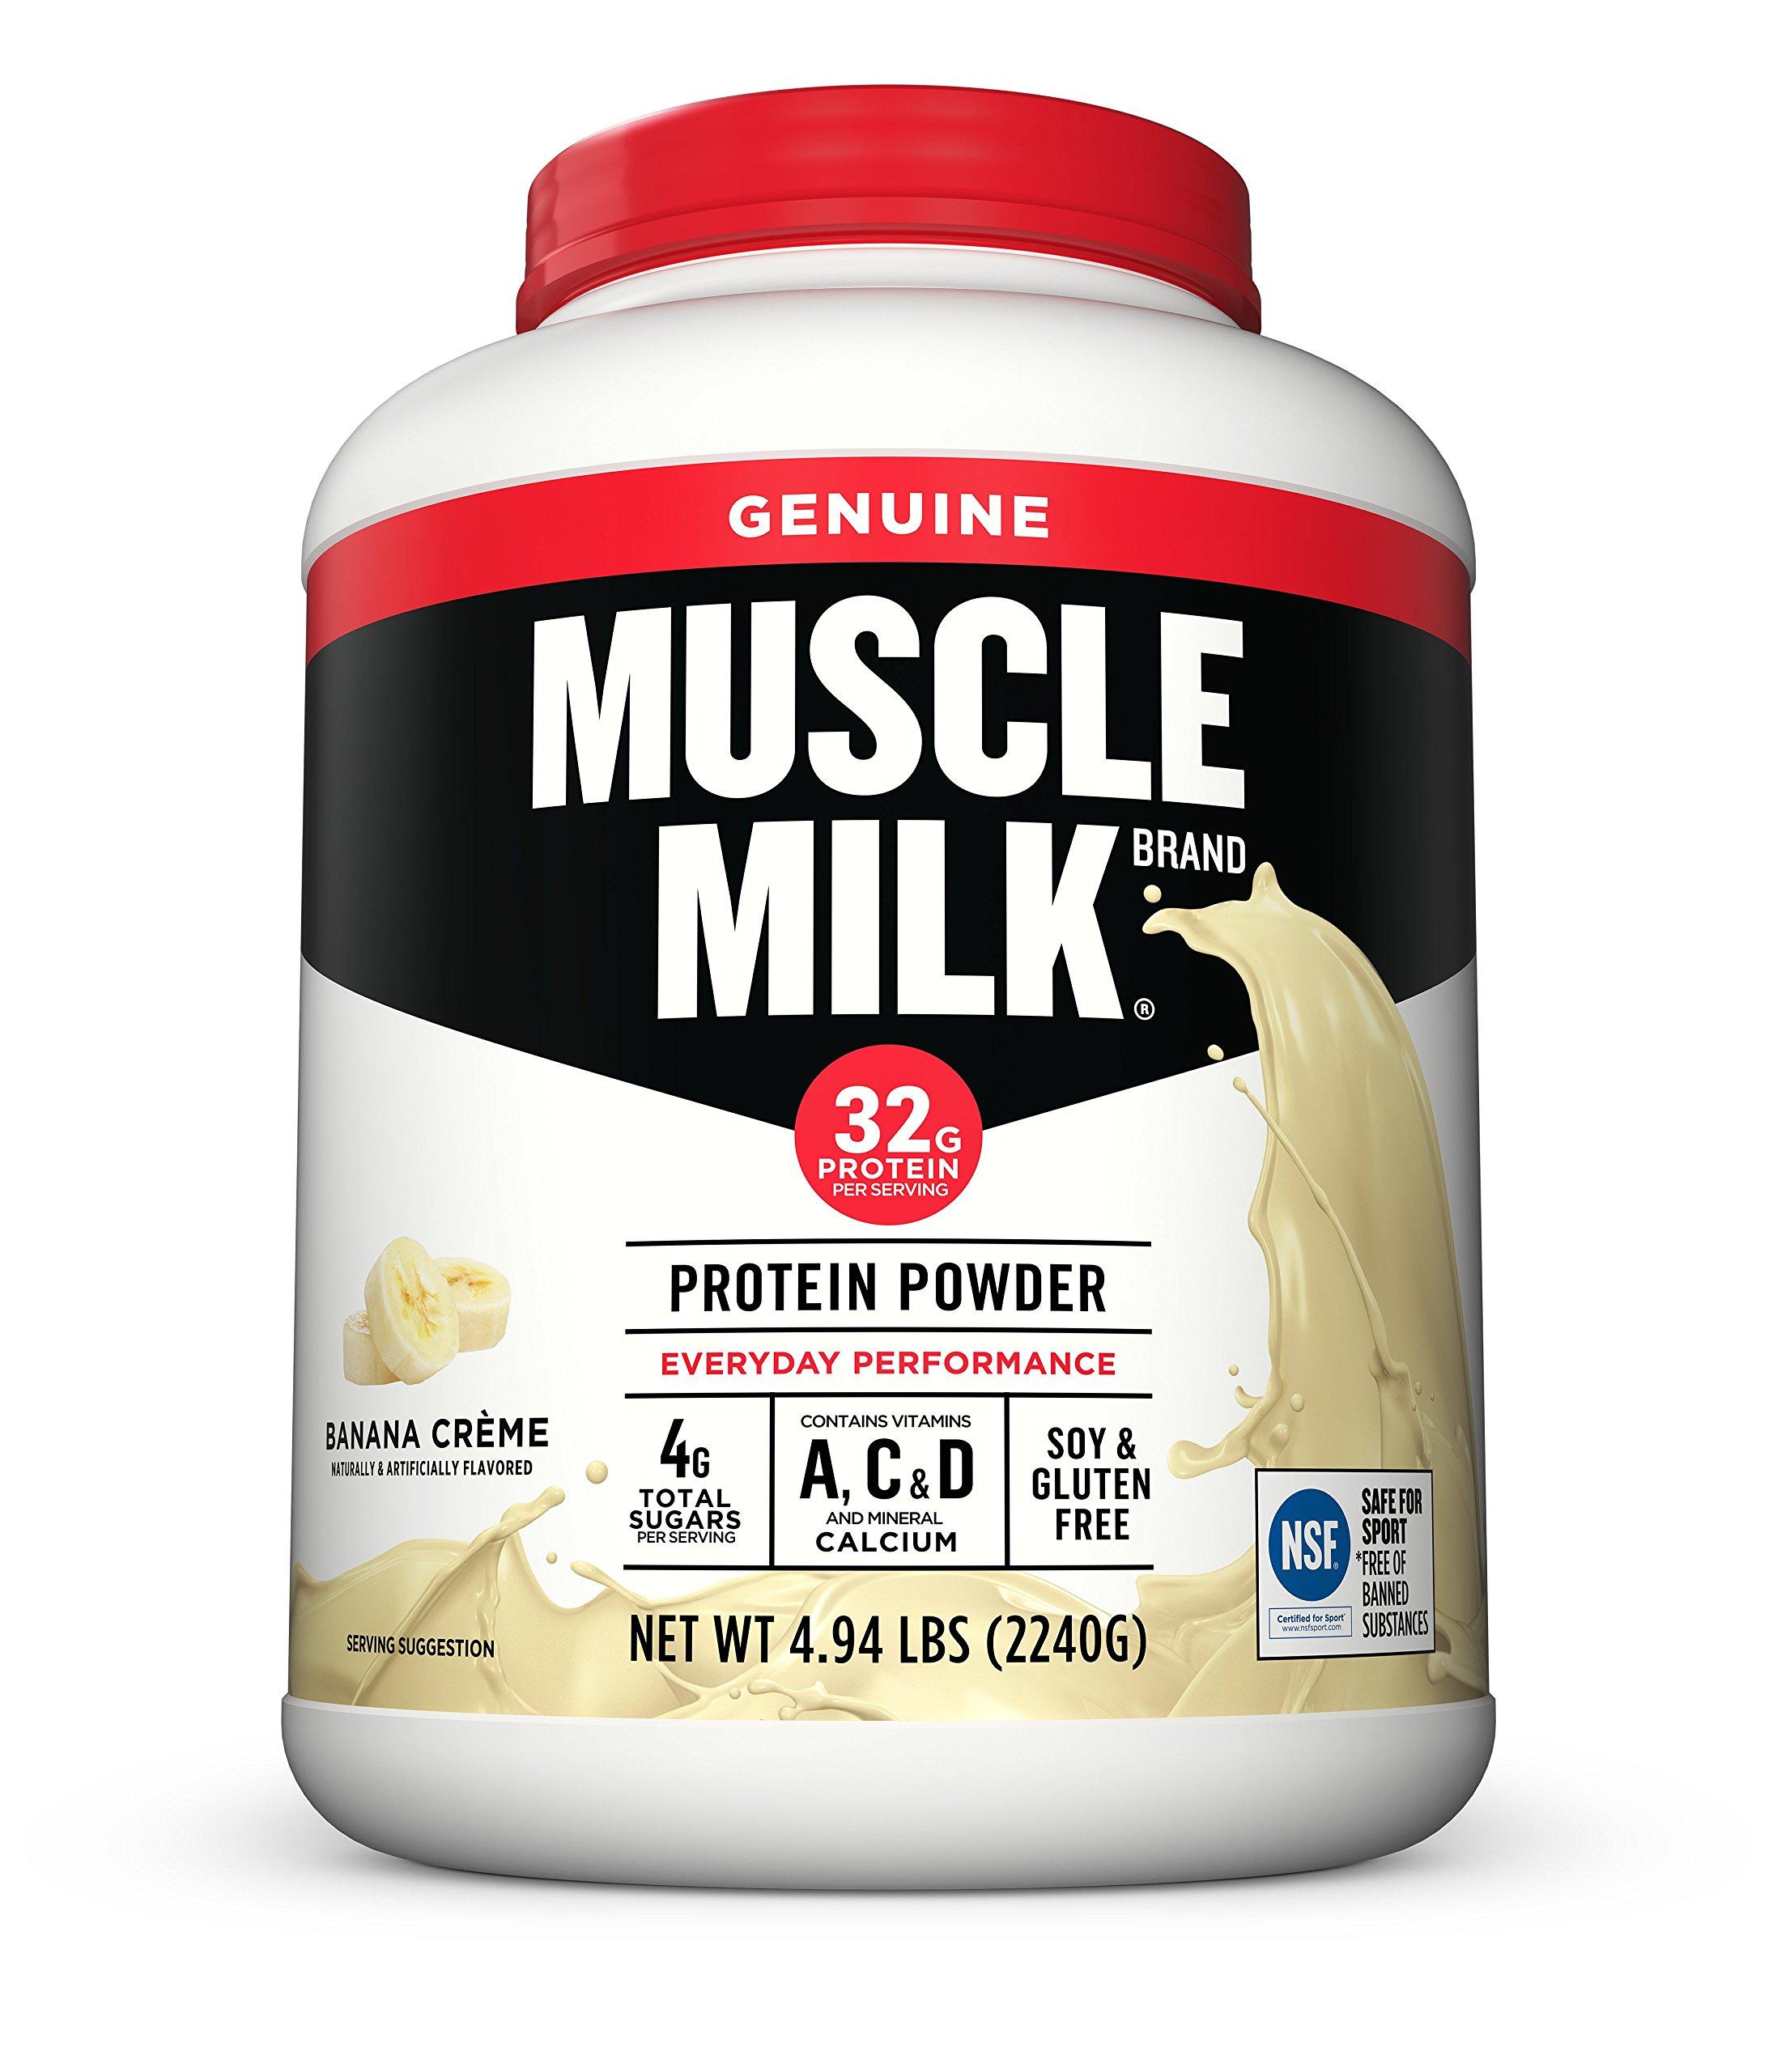 Muscle Milk Genuine Protein Powder, Banana Crème, 32g Protein, 4.94 Pound